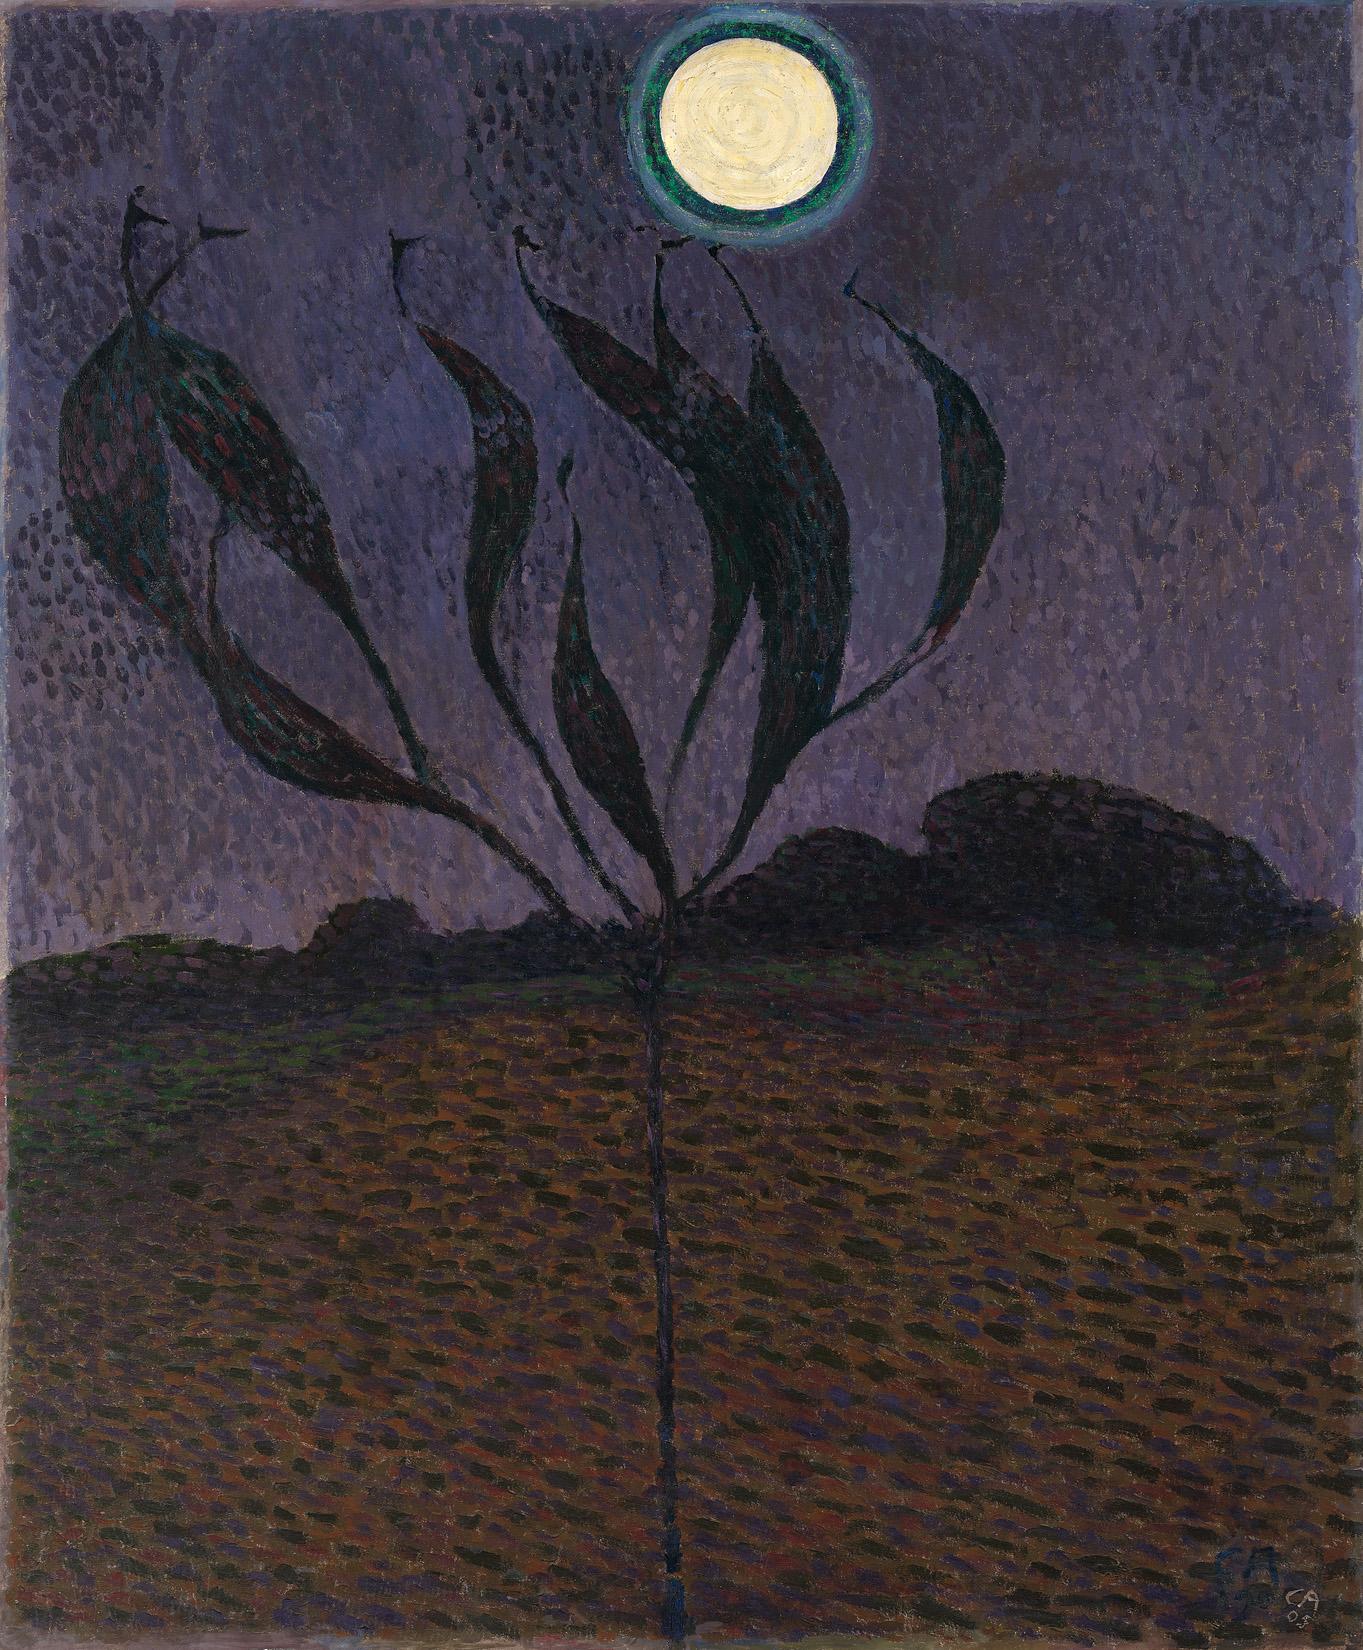 Cuno Amiet, Mondlandschaft, 1905